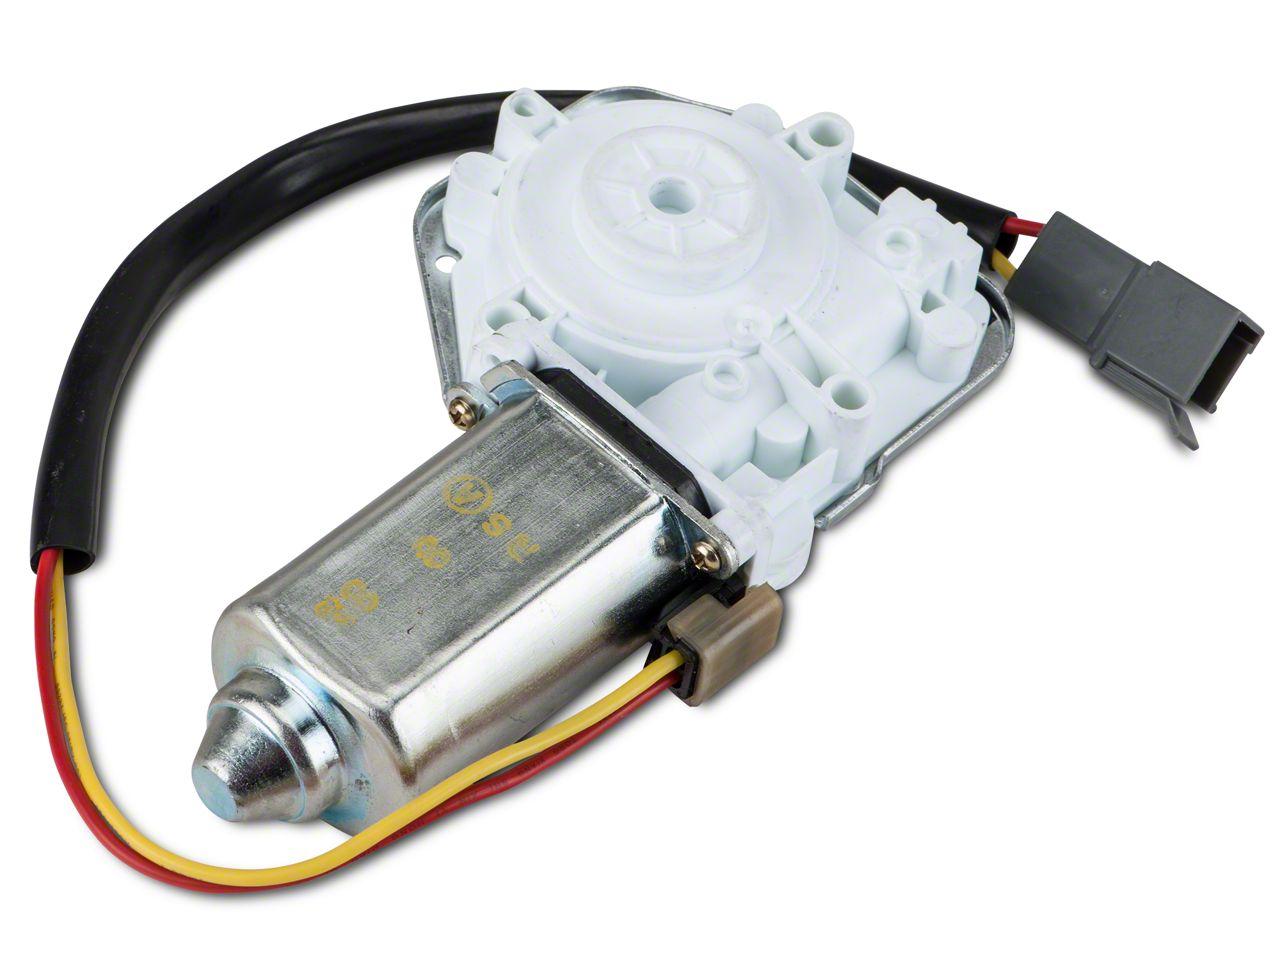 OPR Power Window Motor Front/Rear Driver Side (94-04 All)